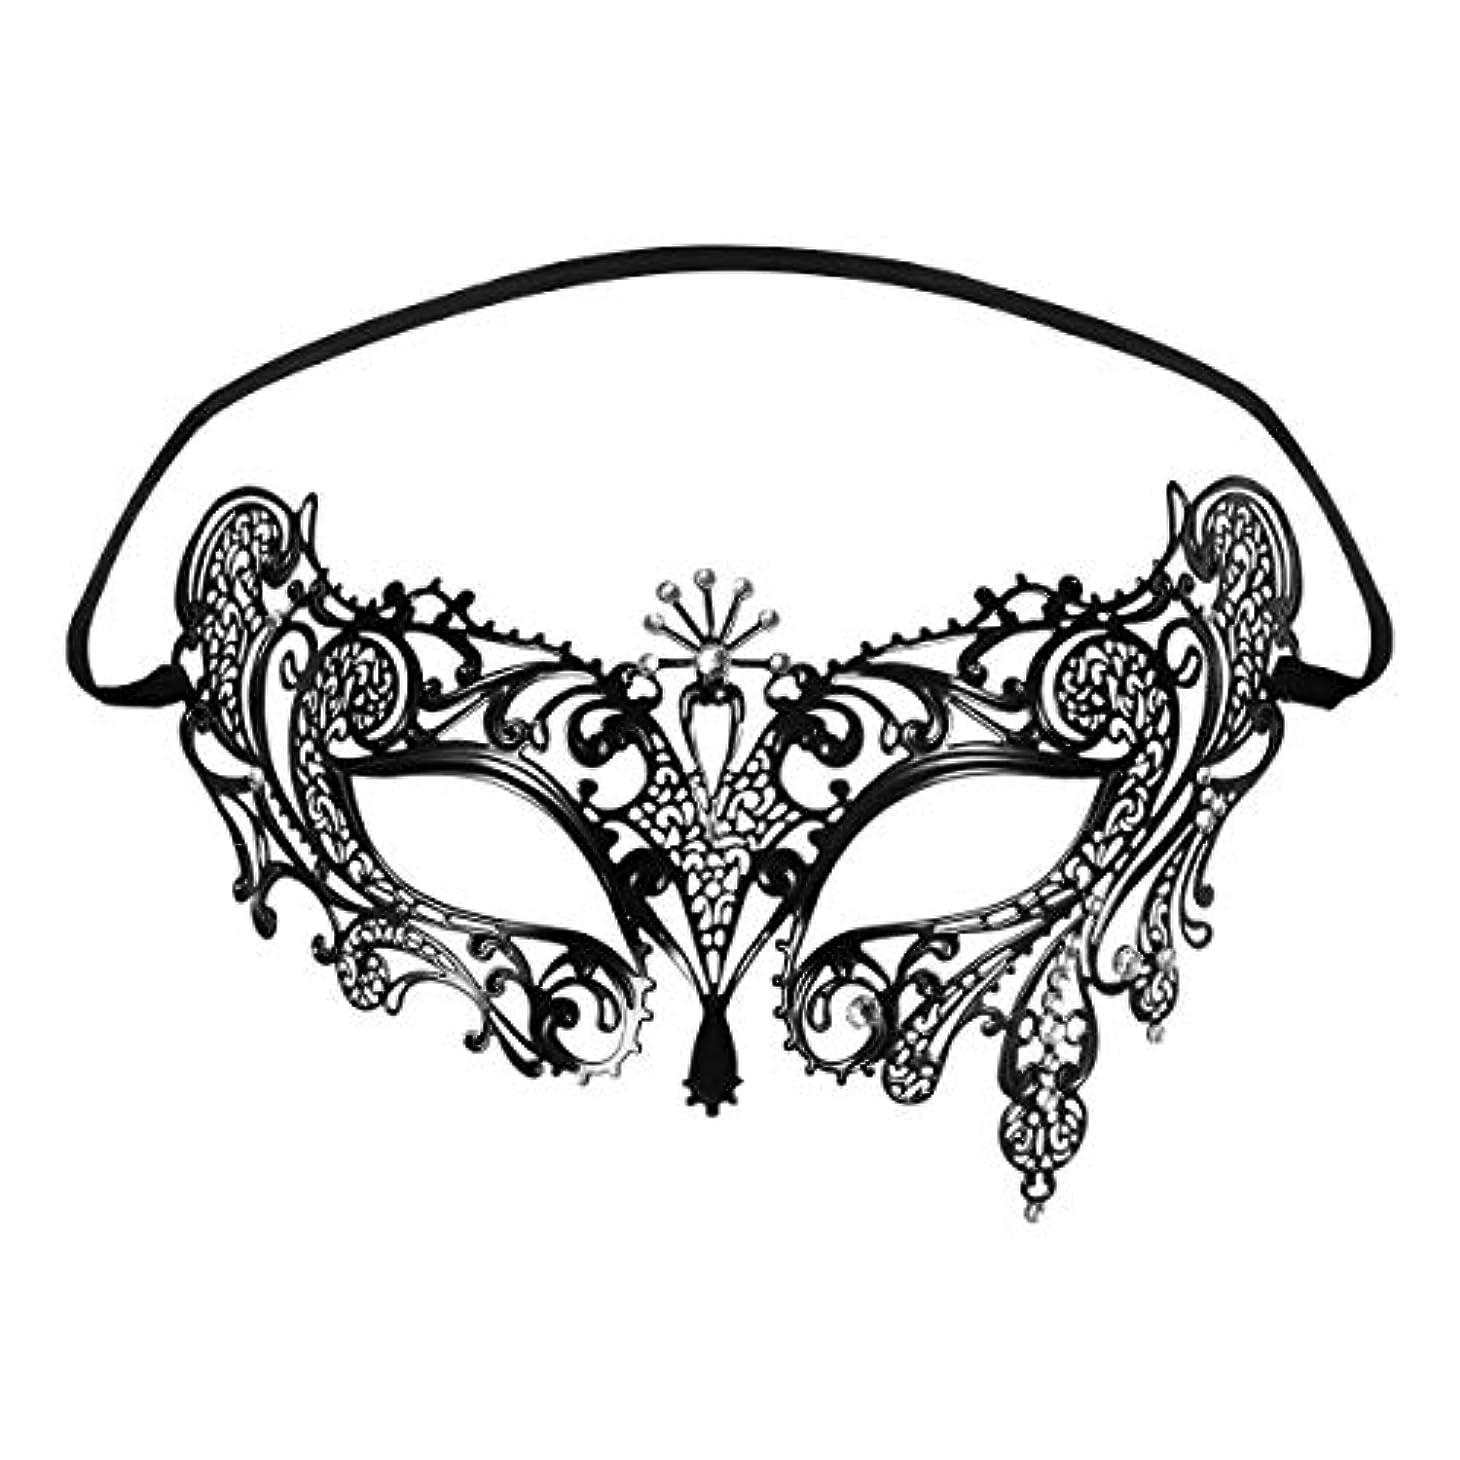 宇宙船差別ゴミFoxnovo Foxnovoファッション高級ベネチアンスタイルディアマンテメタルフィリグリー仮装用マスク結婚式/パーティー用(ブラック)